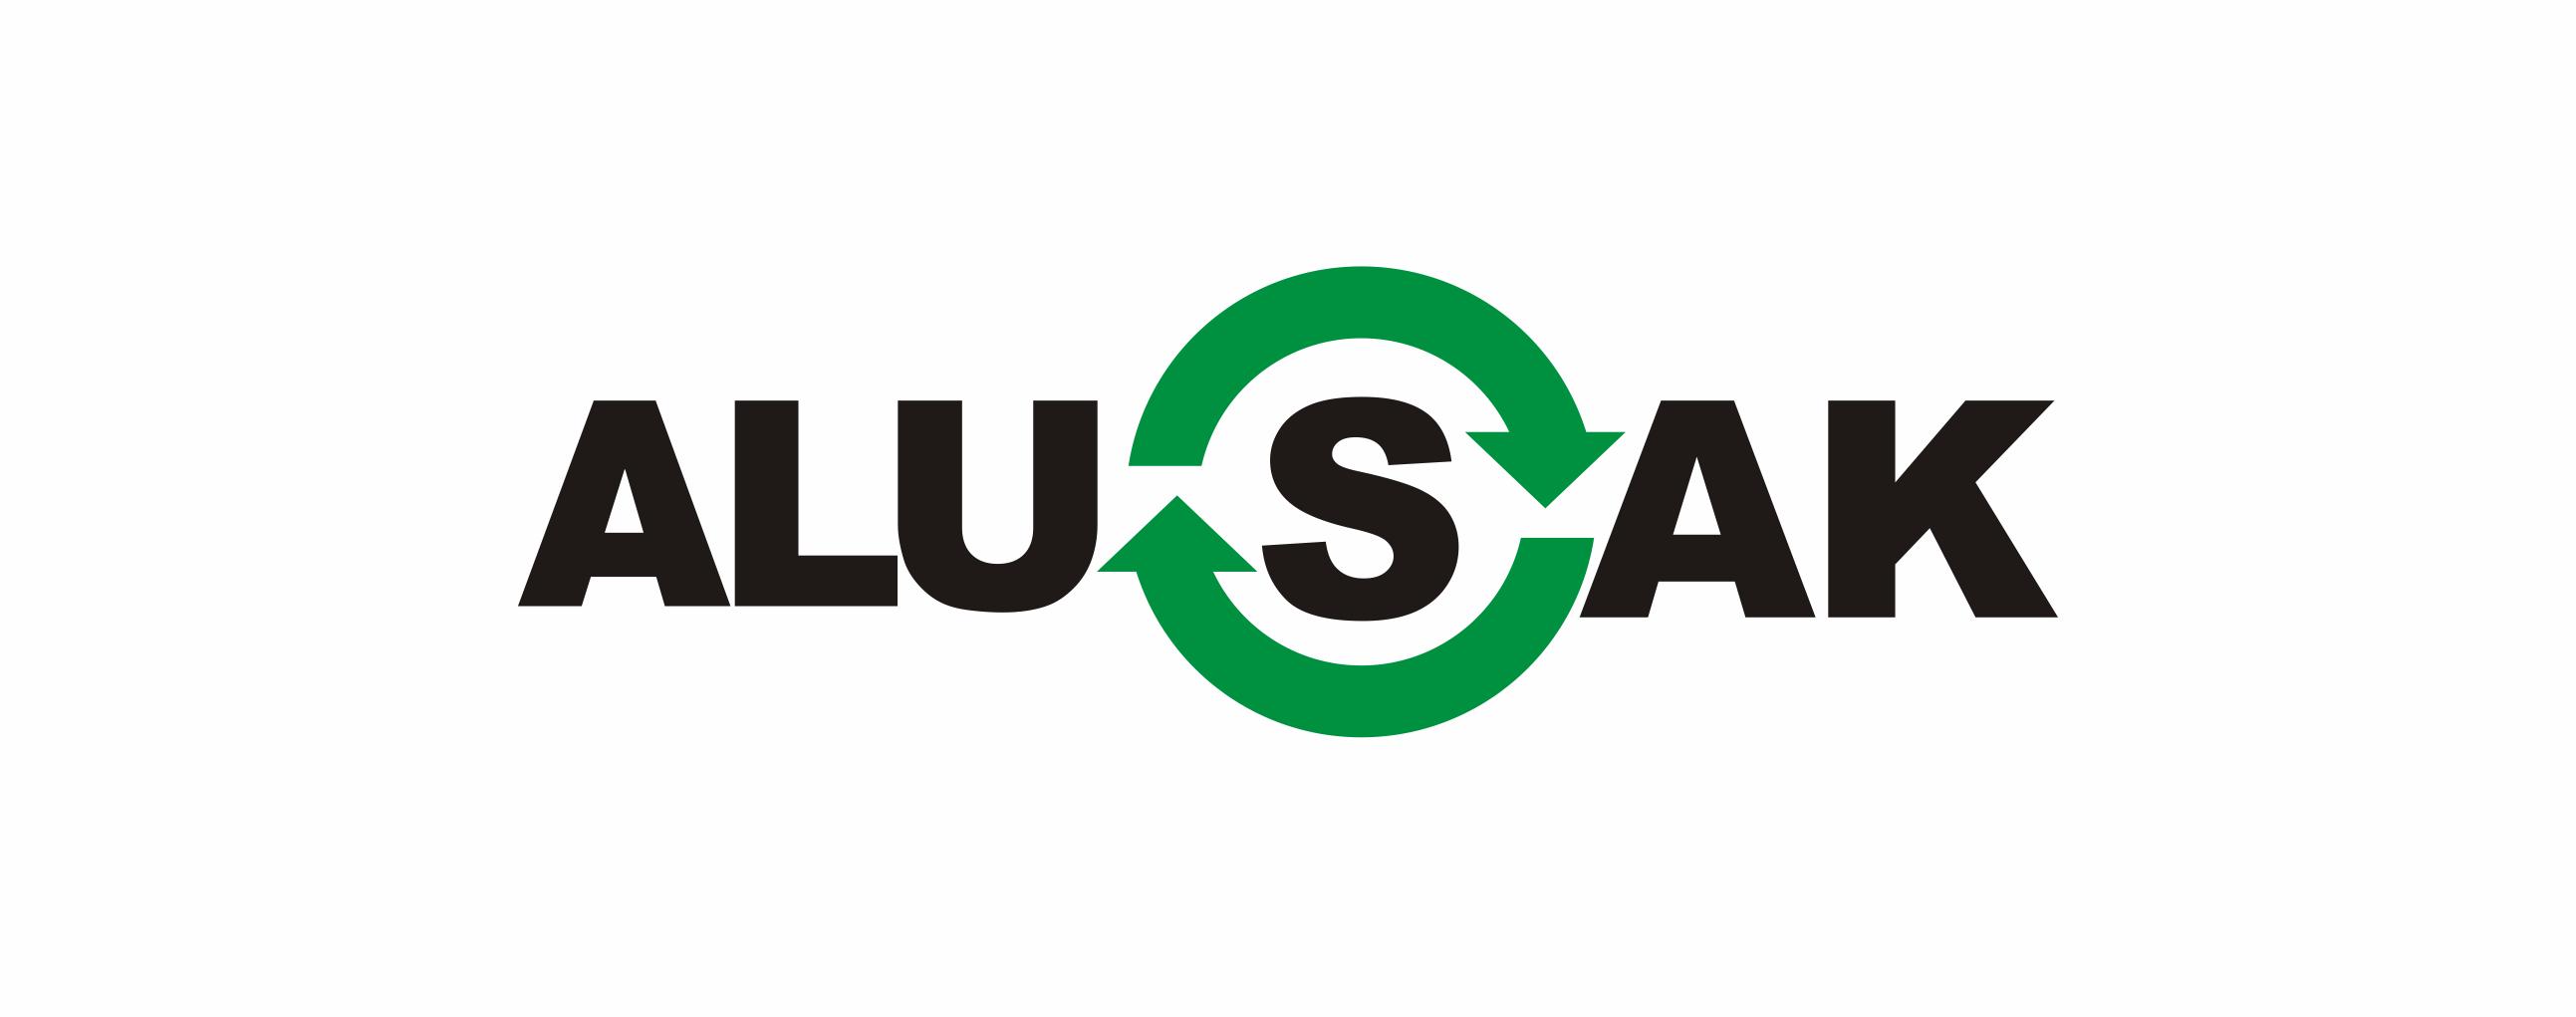 ALUSAK_pred